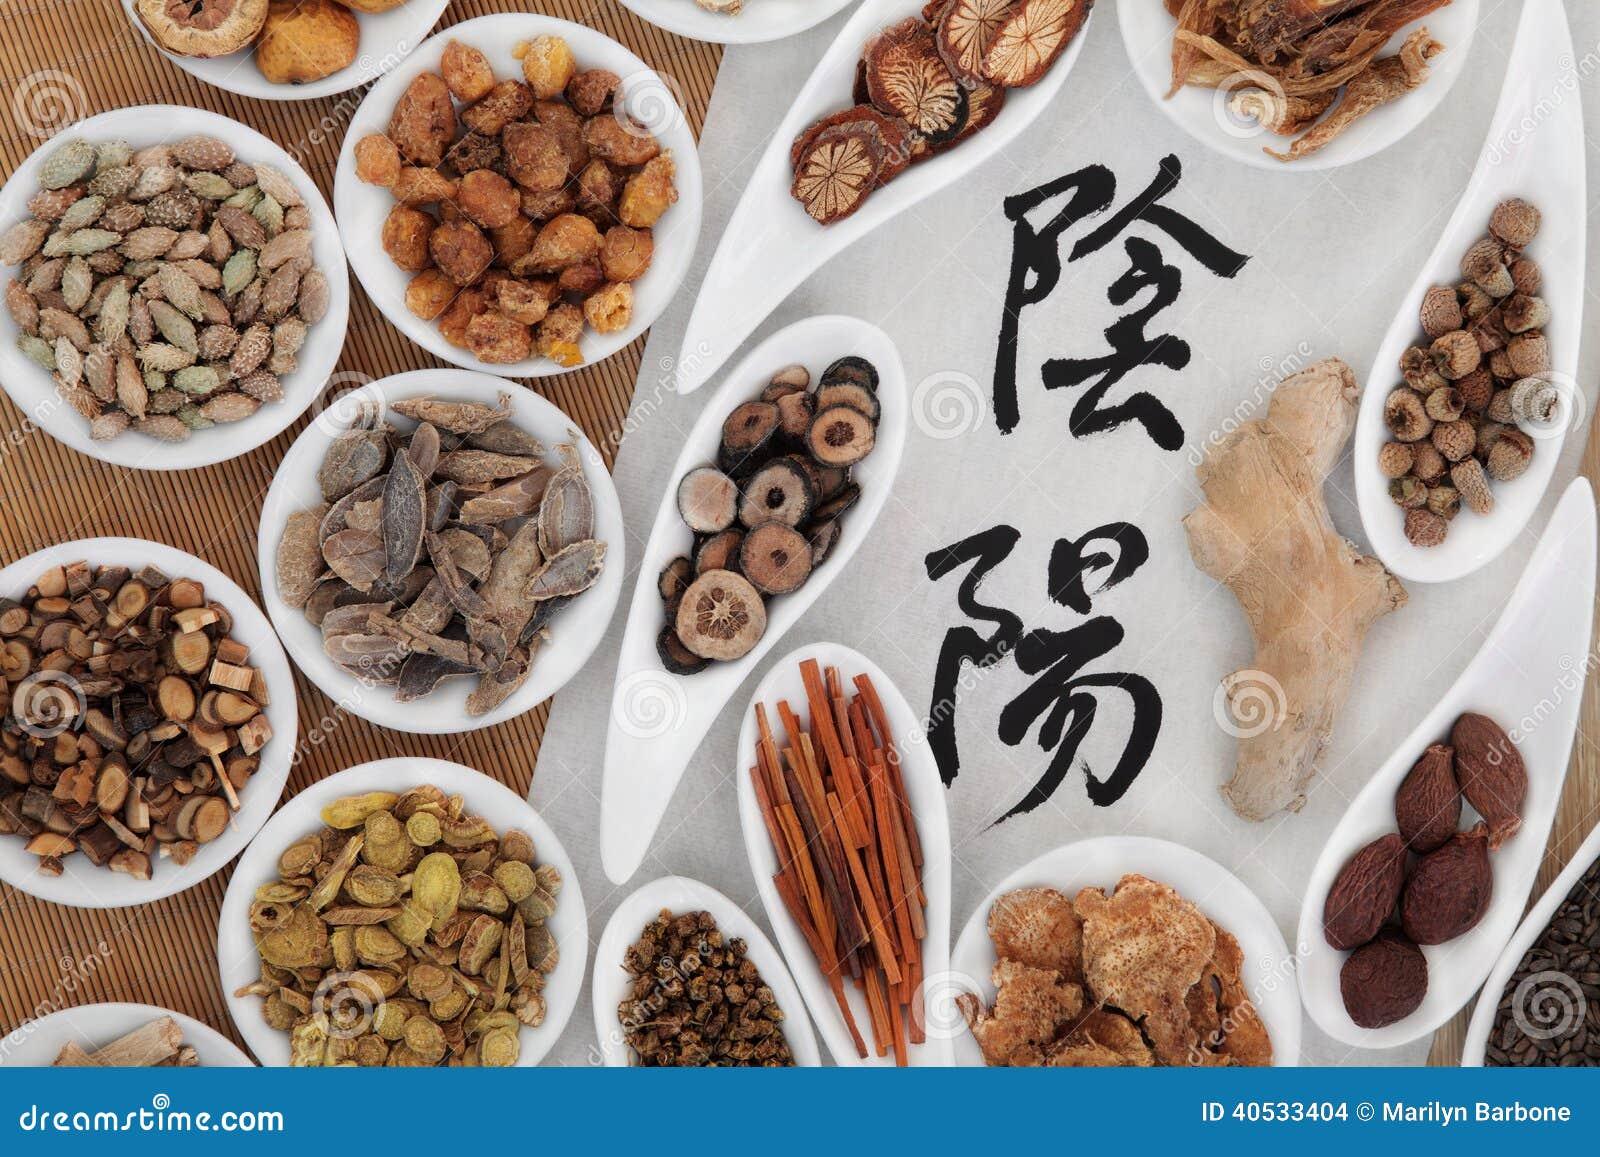 Herbal medicine essay